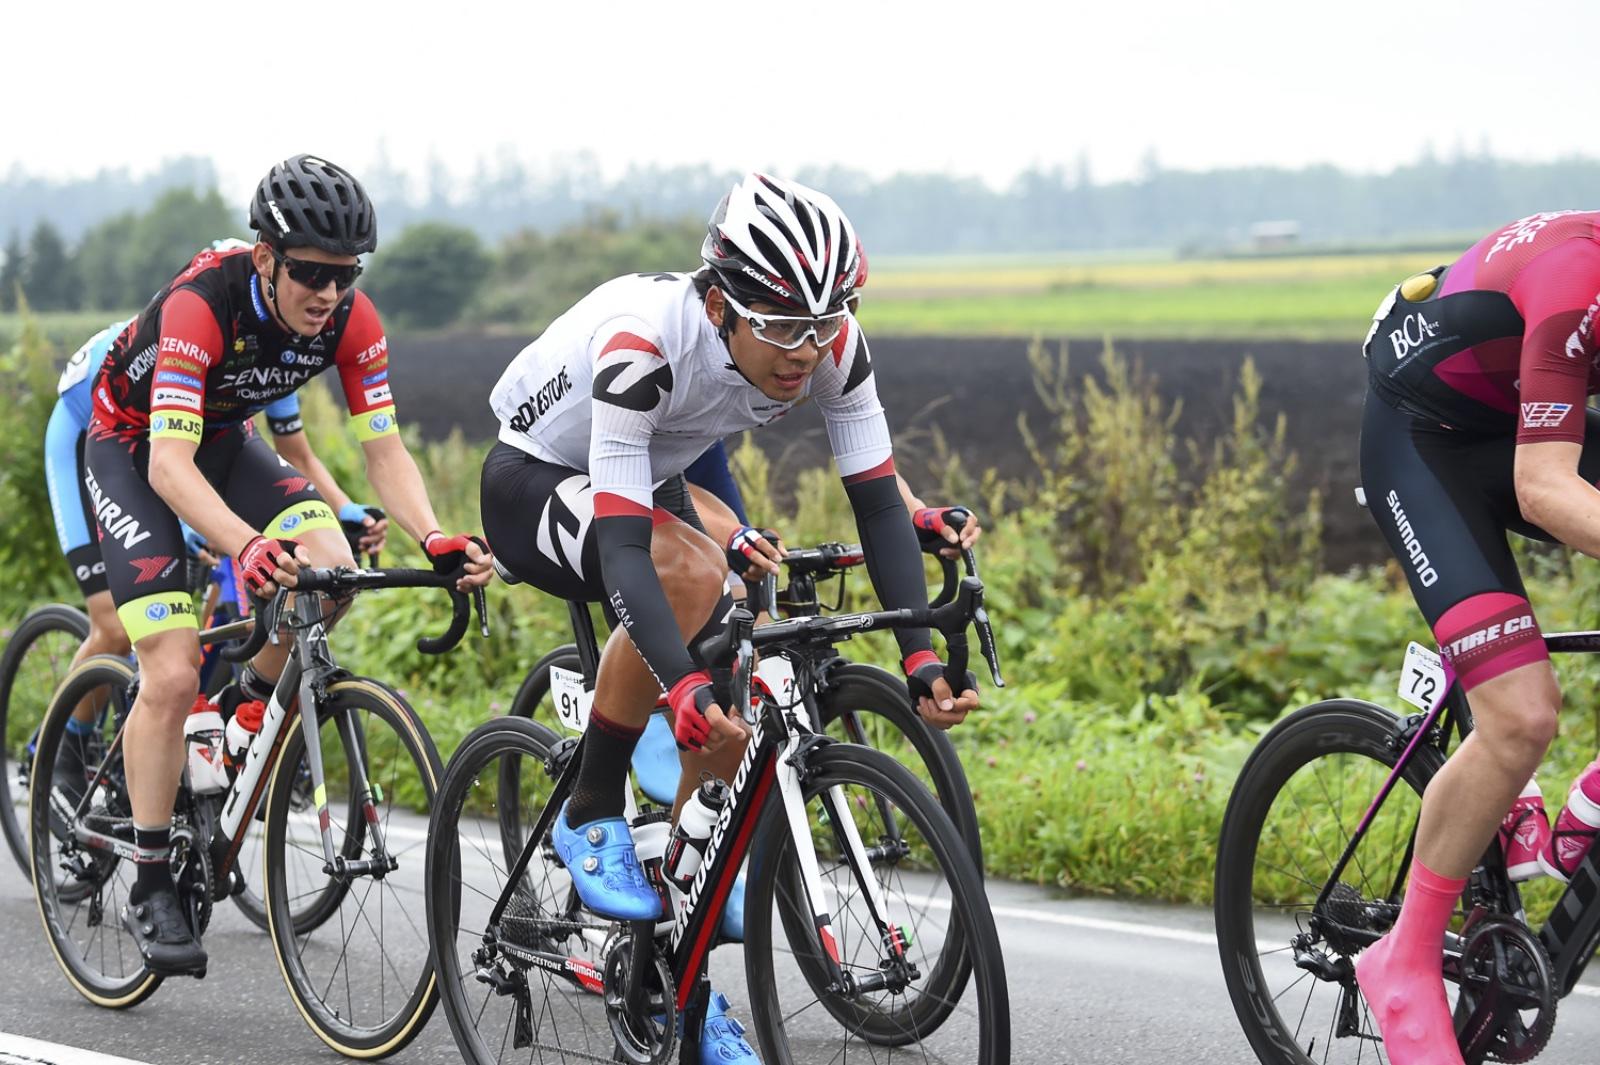 【ツール・ド・北海道】第2ステージ/逃げ続けた石橋、優勝を逃すも2位に